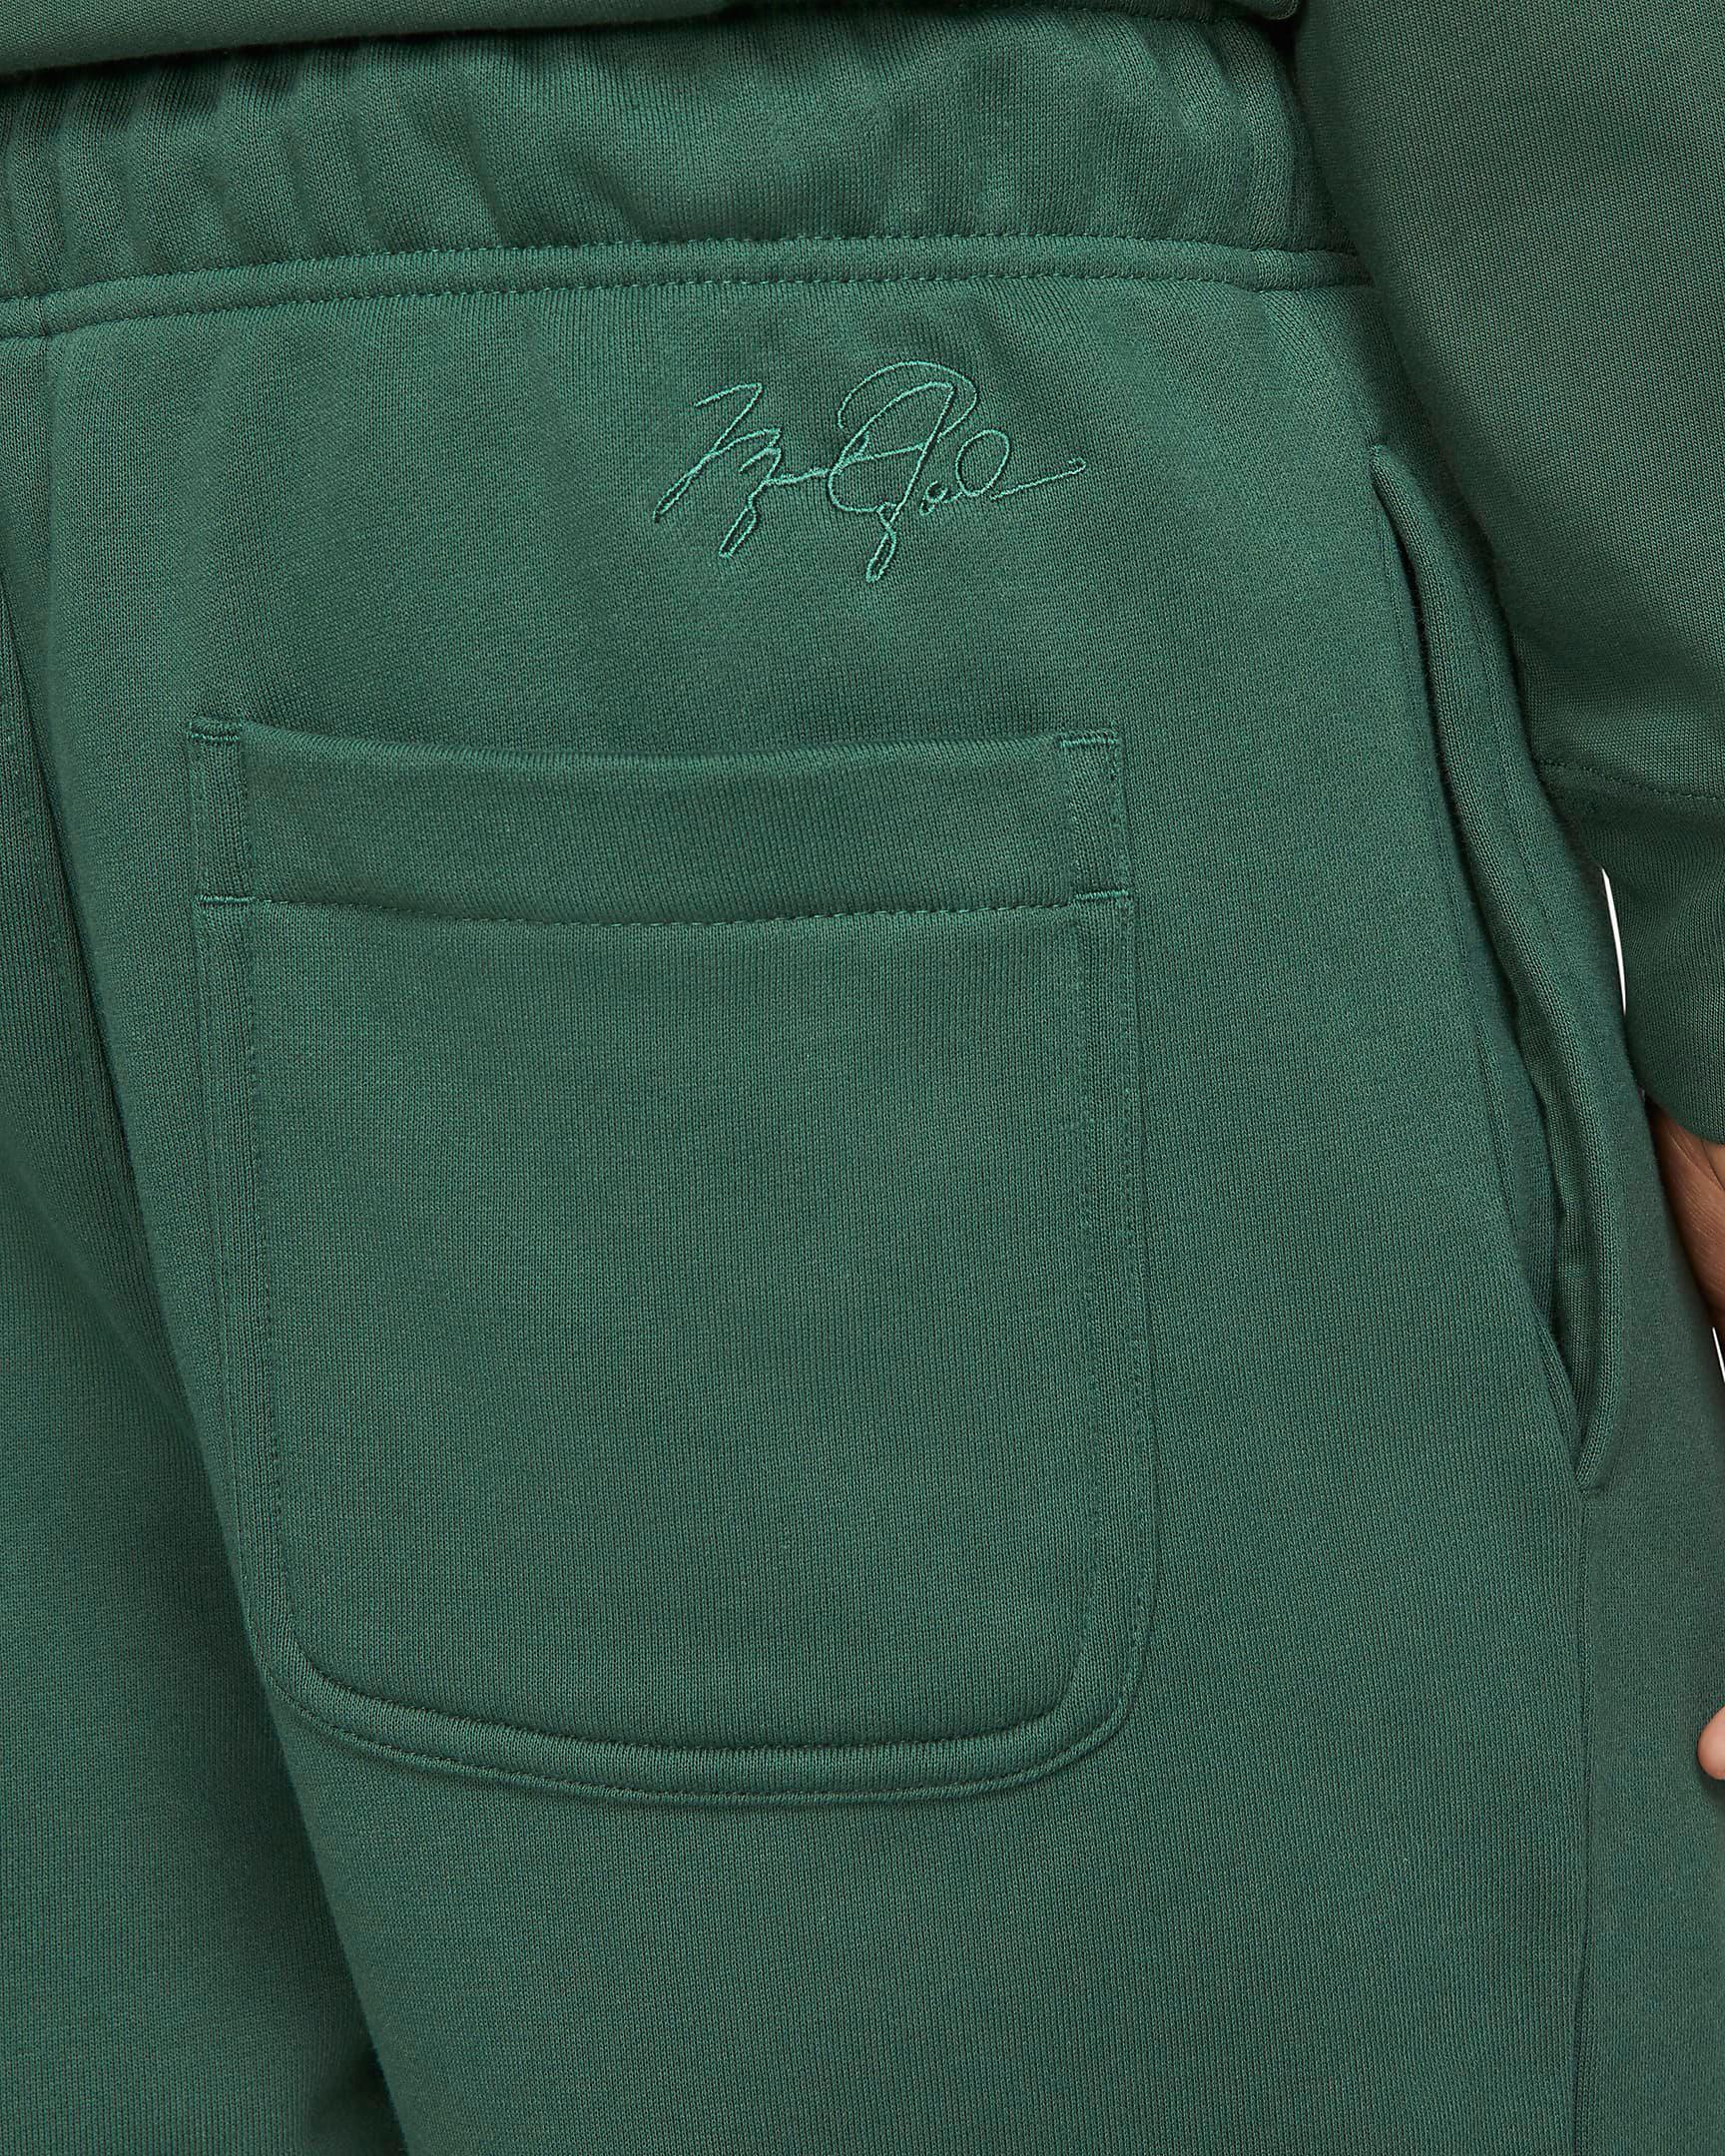 jordan-noble-green-essentials-fleece-shorts-5